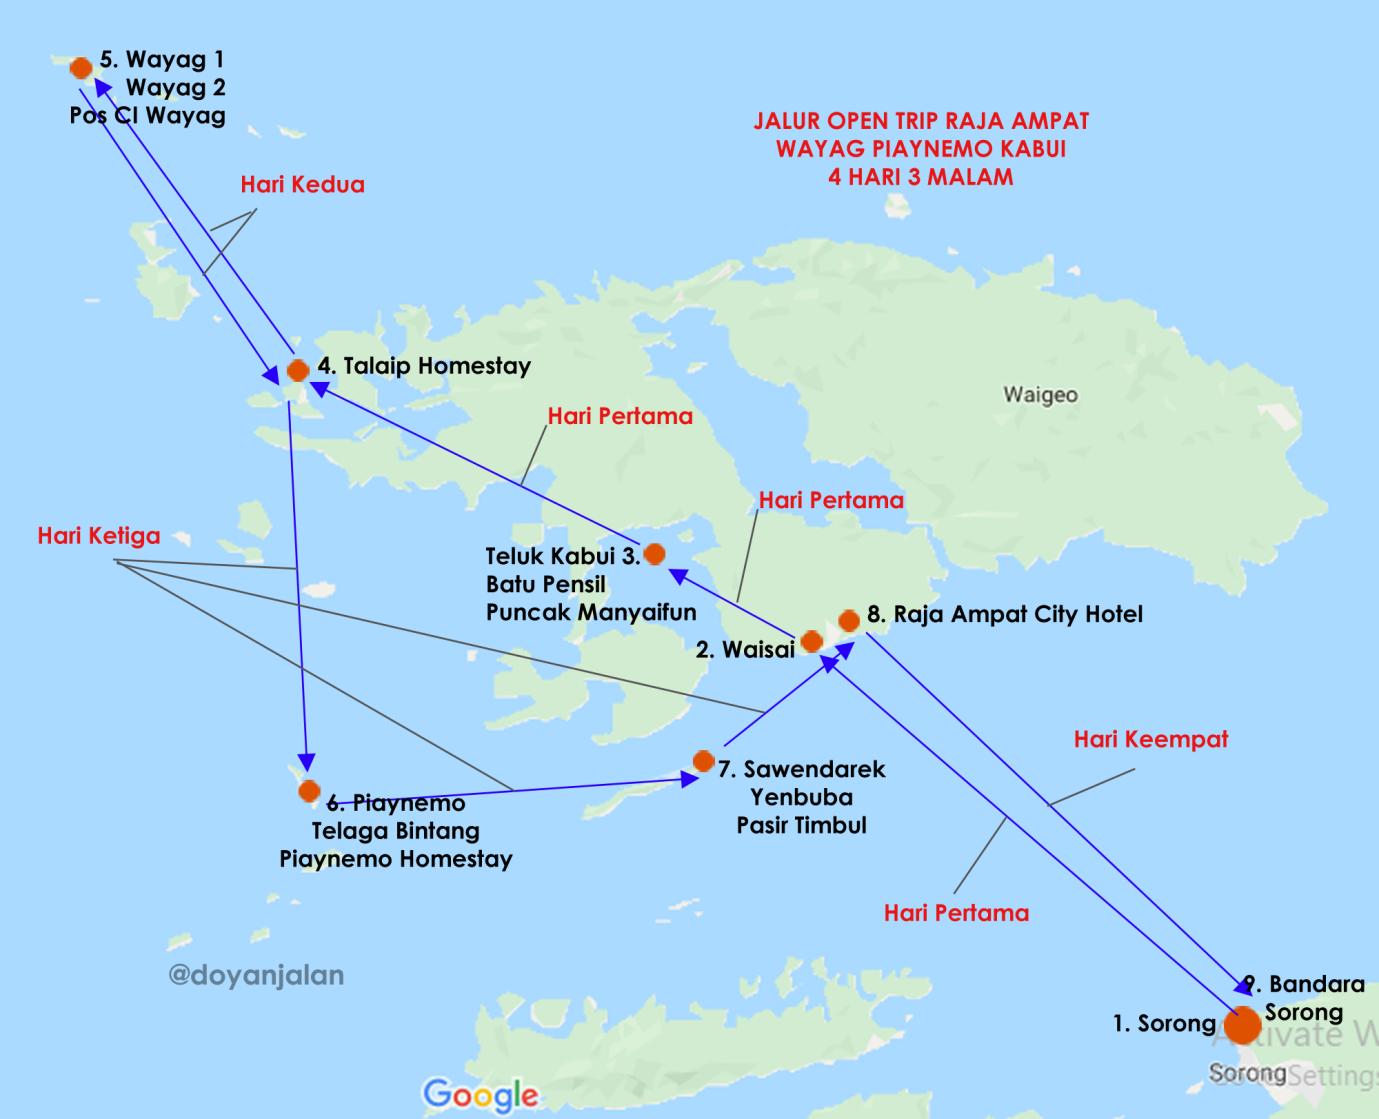 Peta Wisata Raja Ampat